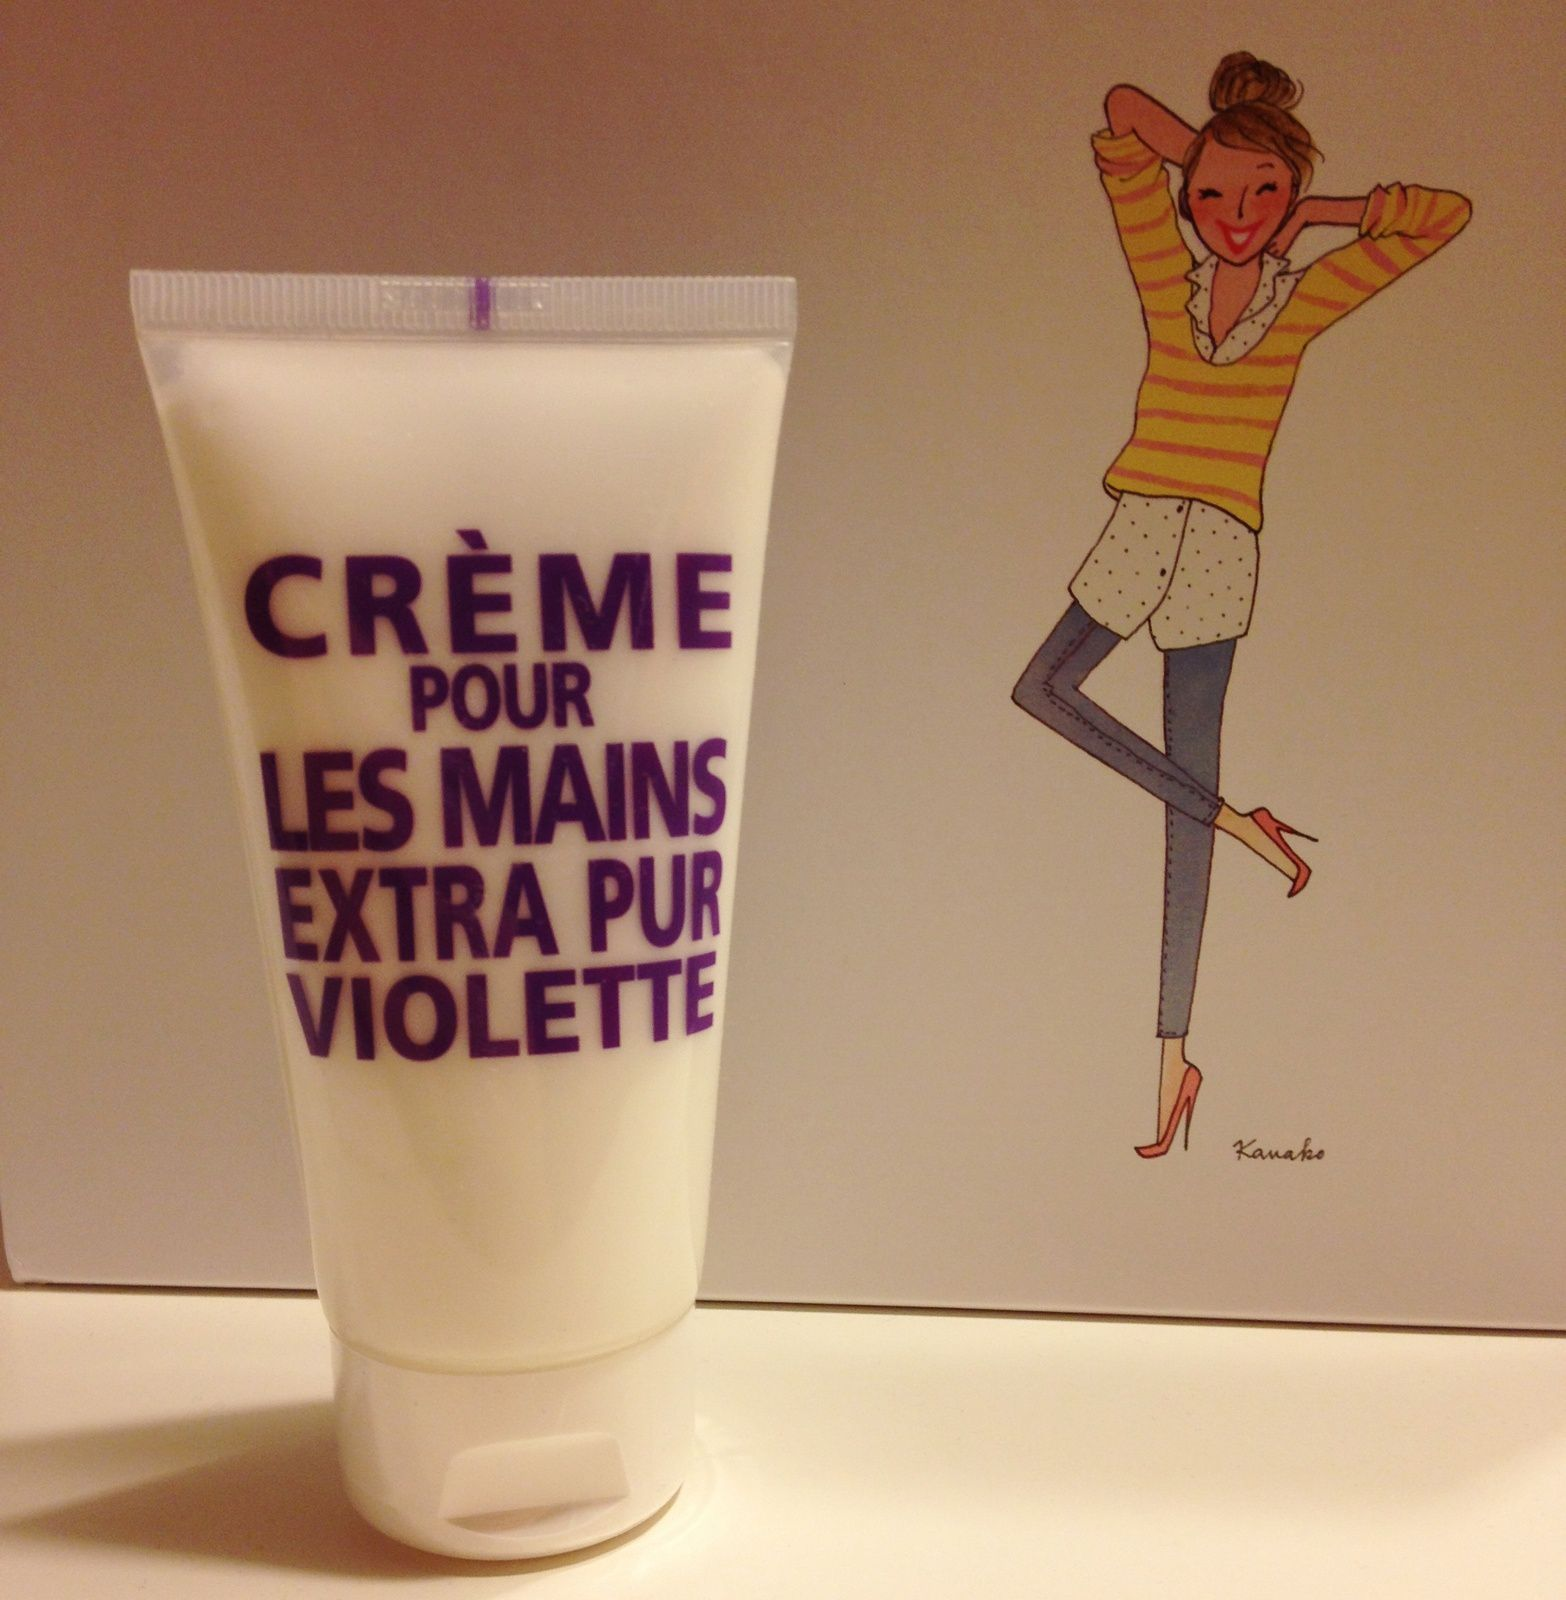 """1er produit: une crème pour les mains à la violette de la Compagnie de Provence. Bon je ne vais pas vous mentir en vraie gourmande que je suis j'adore les guimauves à la violette, donc je craque littéralement pour l'odeur de cette crème. """"L'amour est un bouquet de violettes ..."""""""